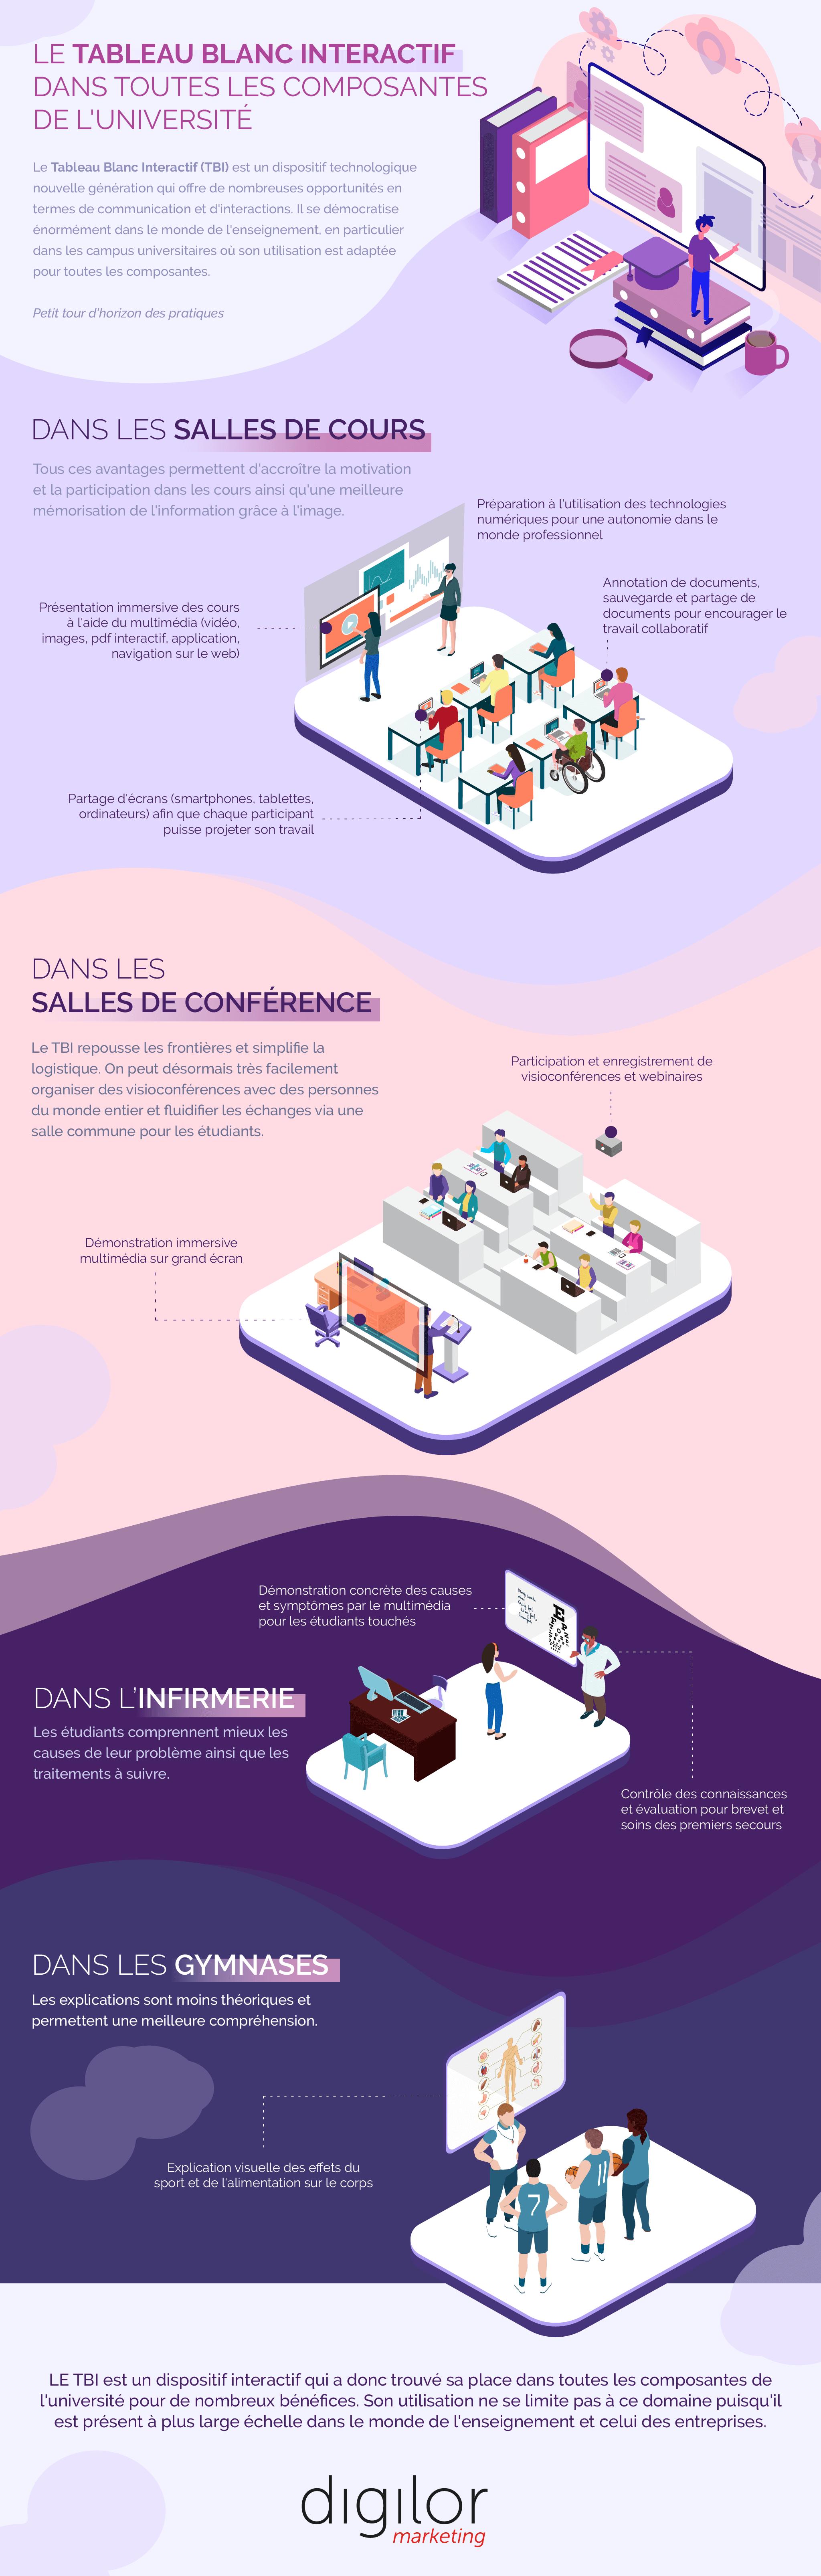 Infographie tableau blanc interactif université